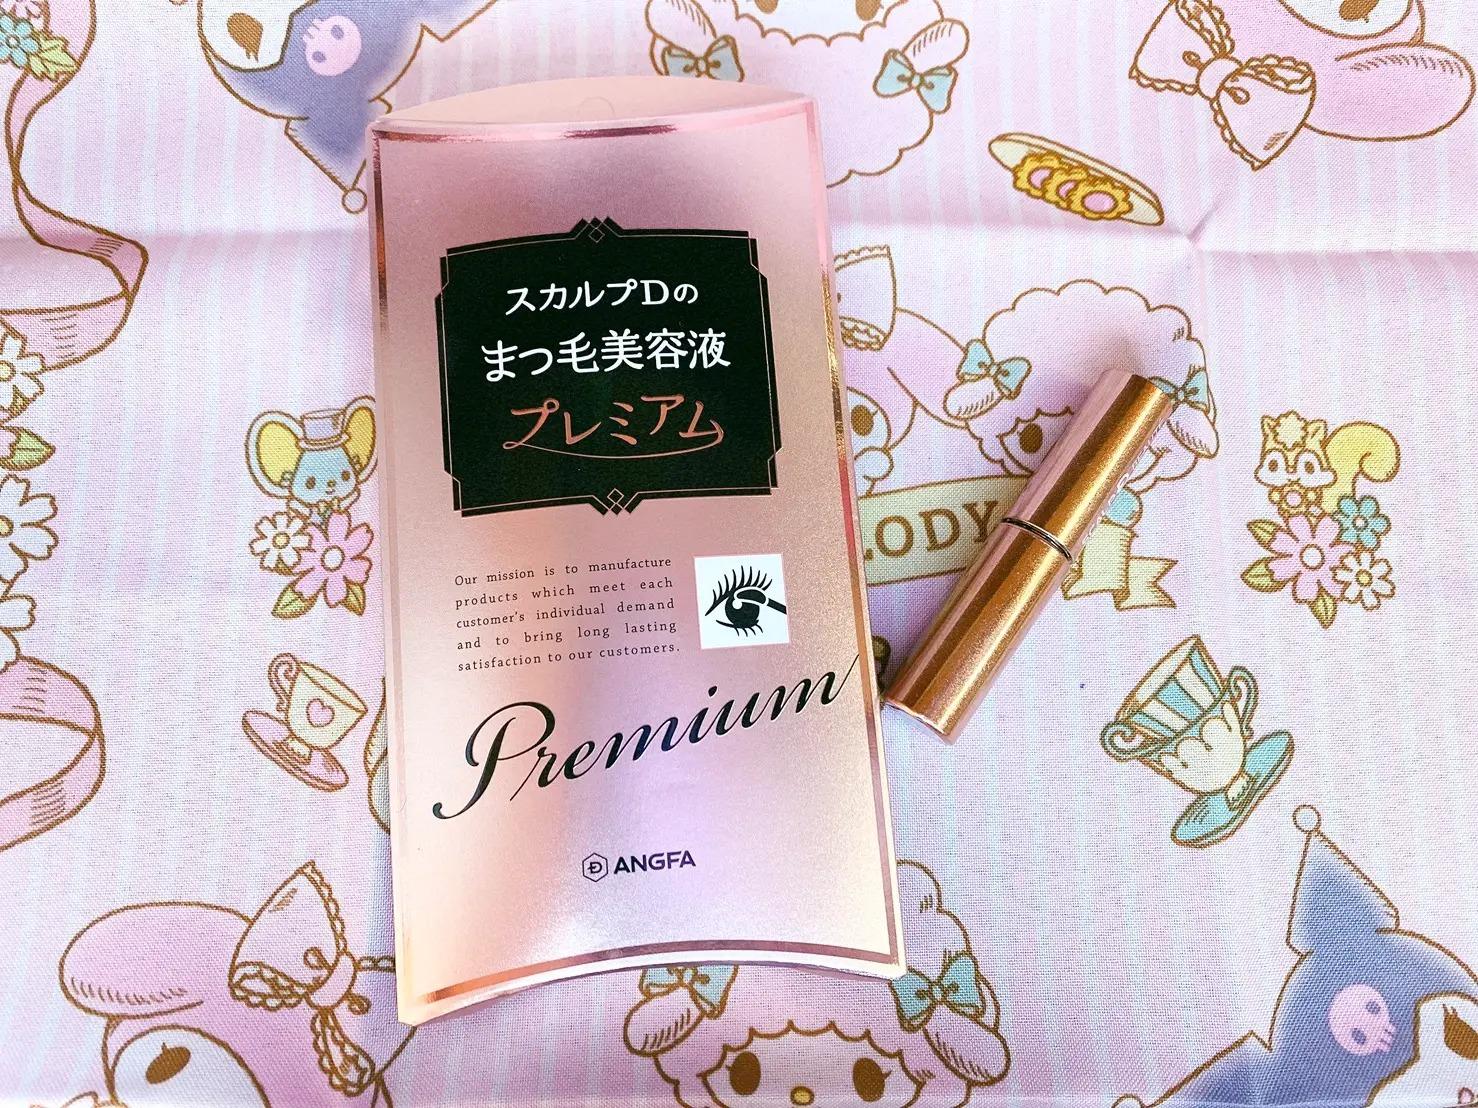 スカルプDのまつ毛美容液プレミアムの製品画像